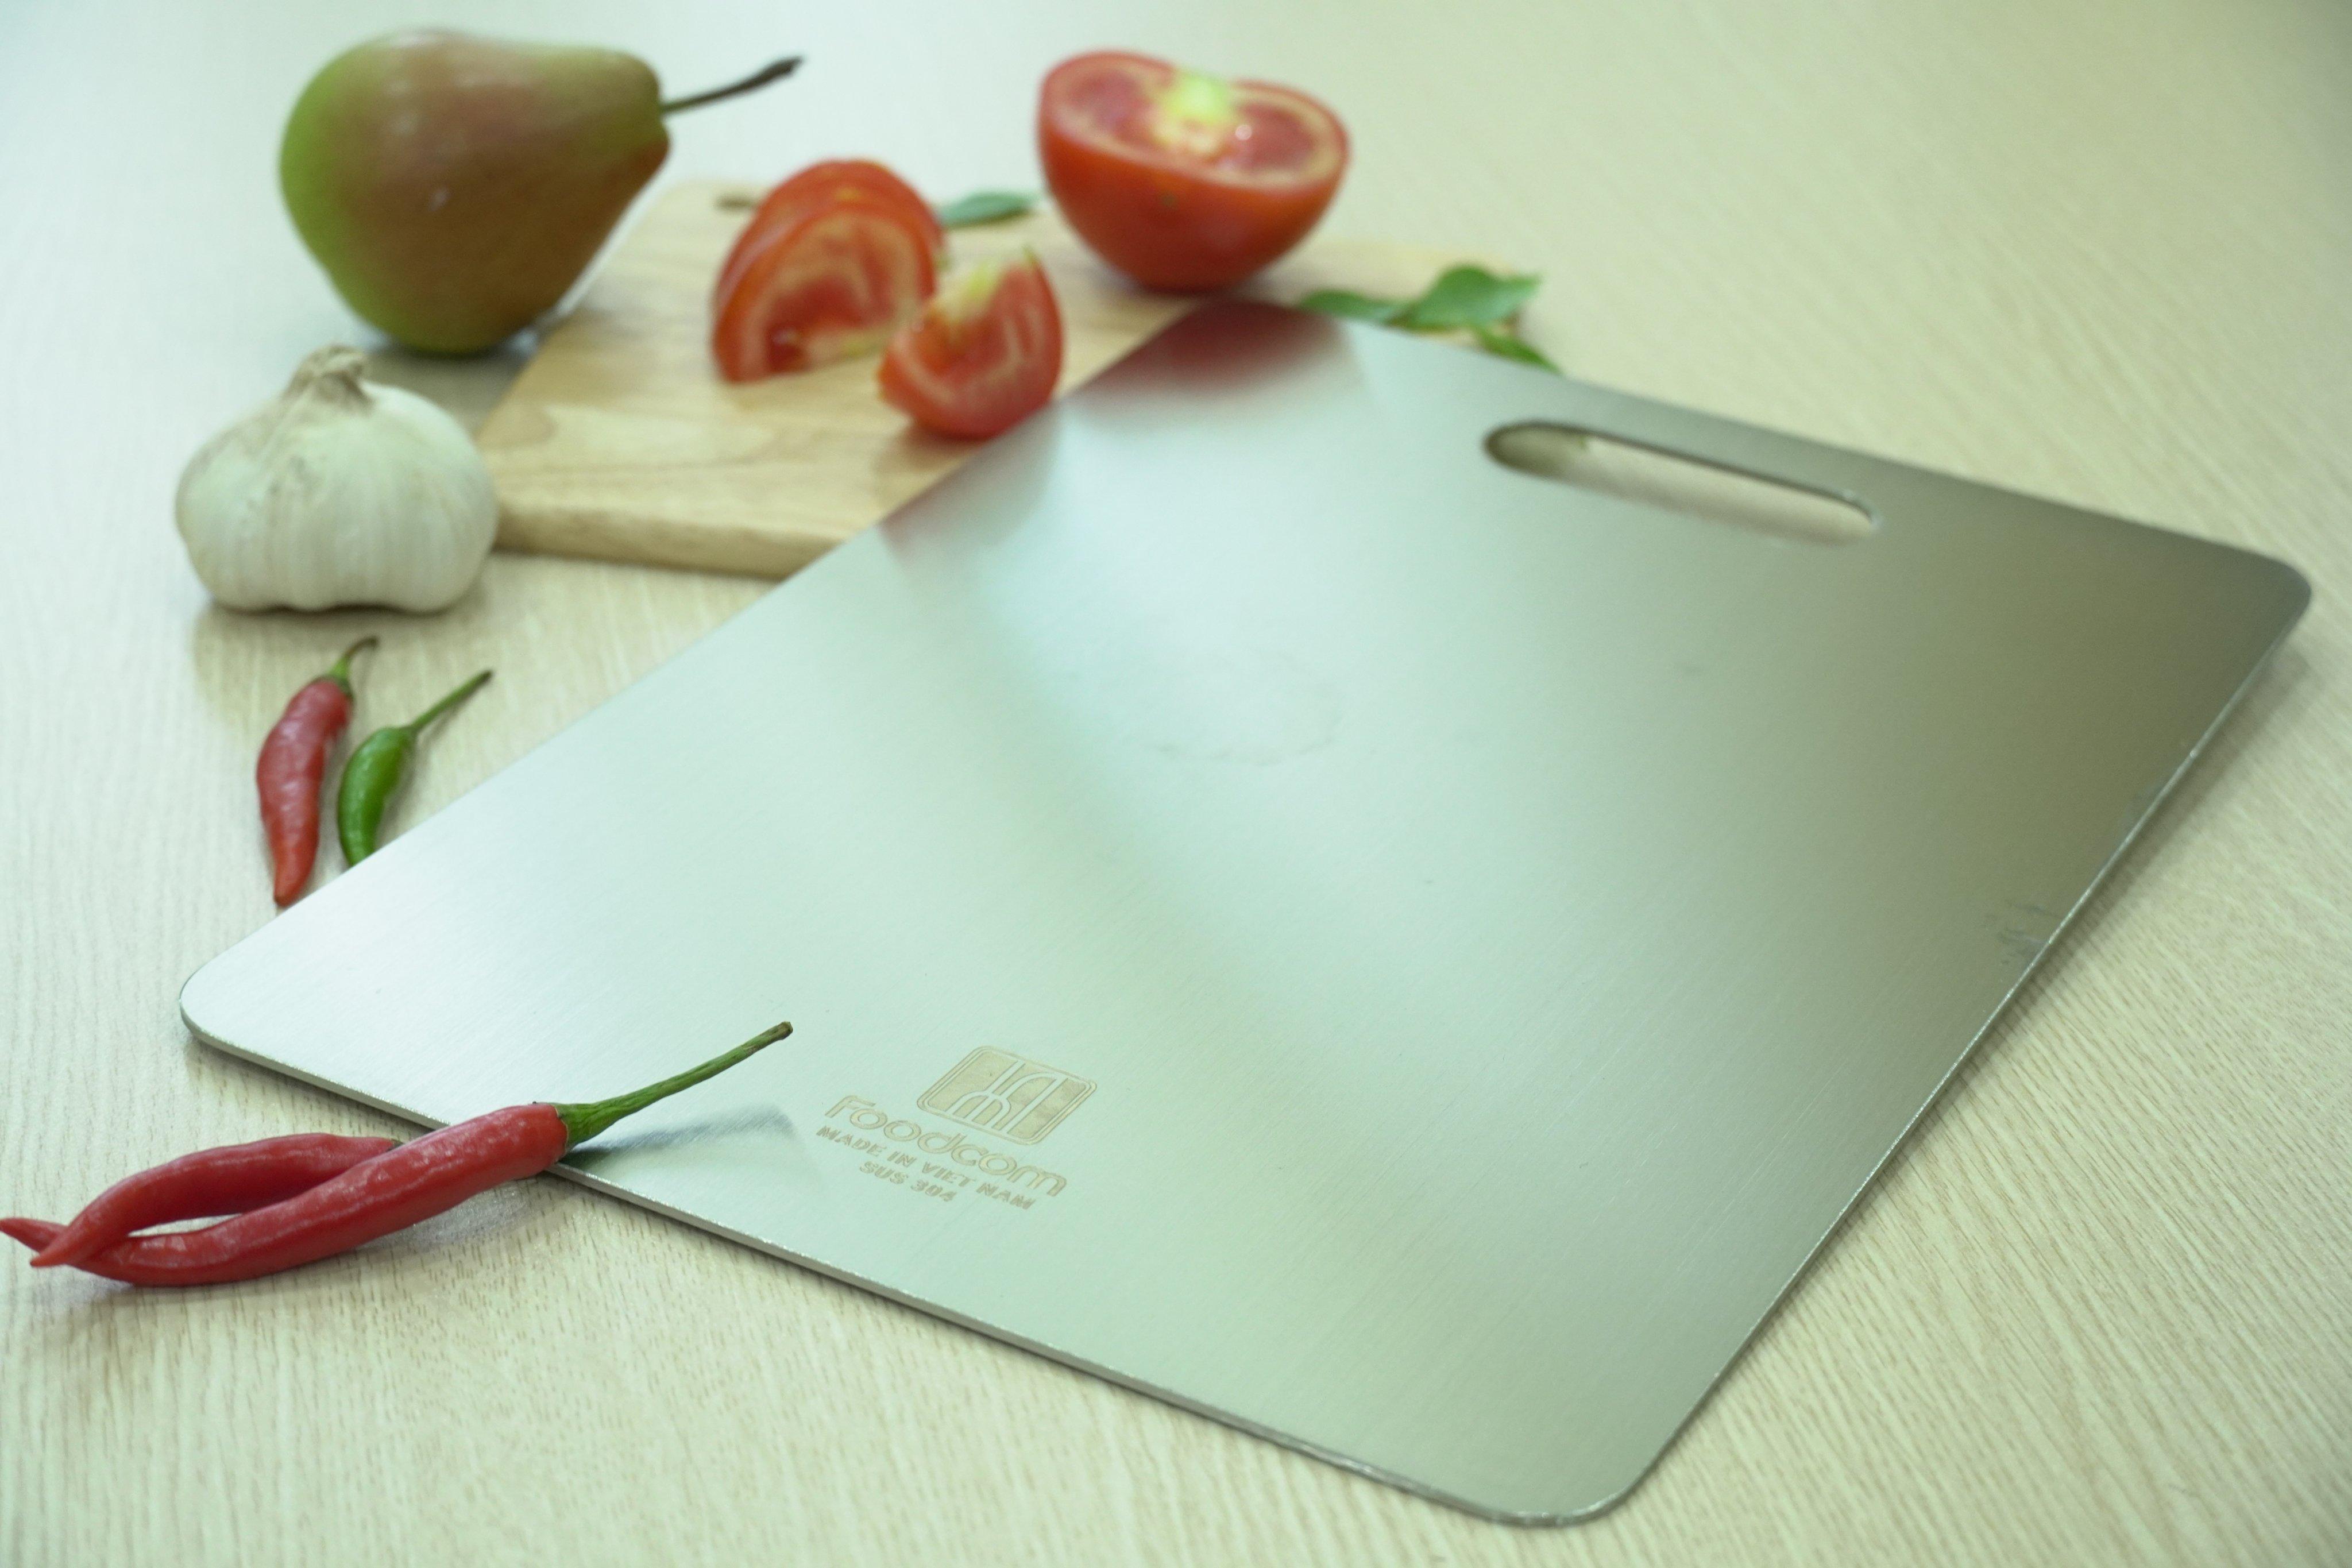 Thớt inox cao cấp 304- size 33,5x23cm , kháng khuẩn, chống ẩm mốc, thớt nhà bếp Fc - Hàng Việt Nam sản xuất